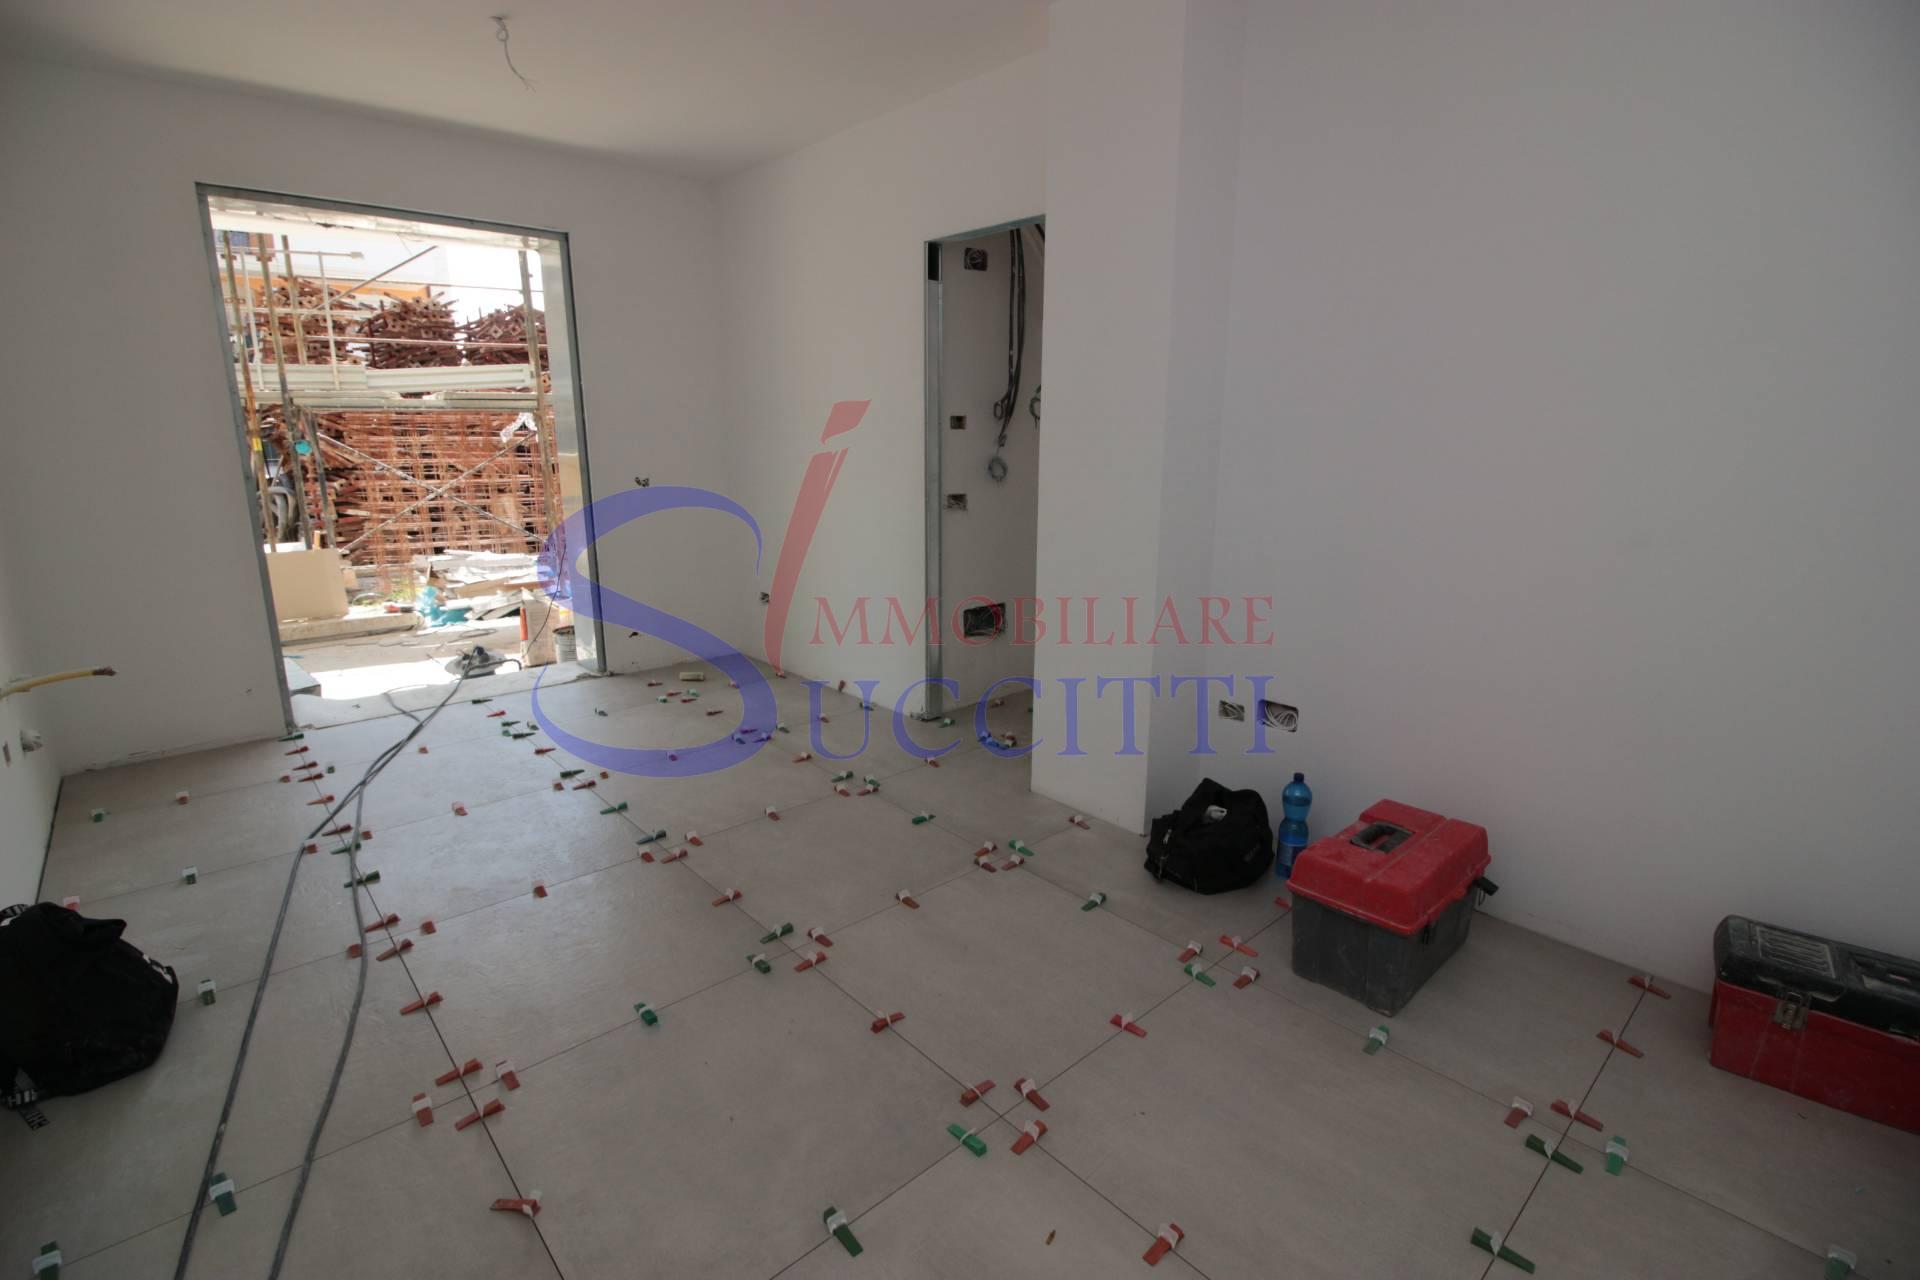 Appartamento in vendita a Tortoreto, 3 locali, zona Località: TortoretoLido, prezzo € 140.000 | PortaleAgenzieImmobiliari.it